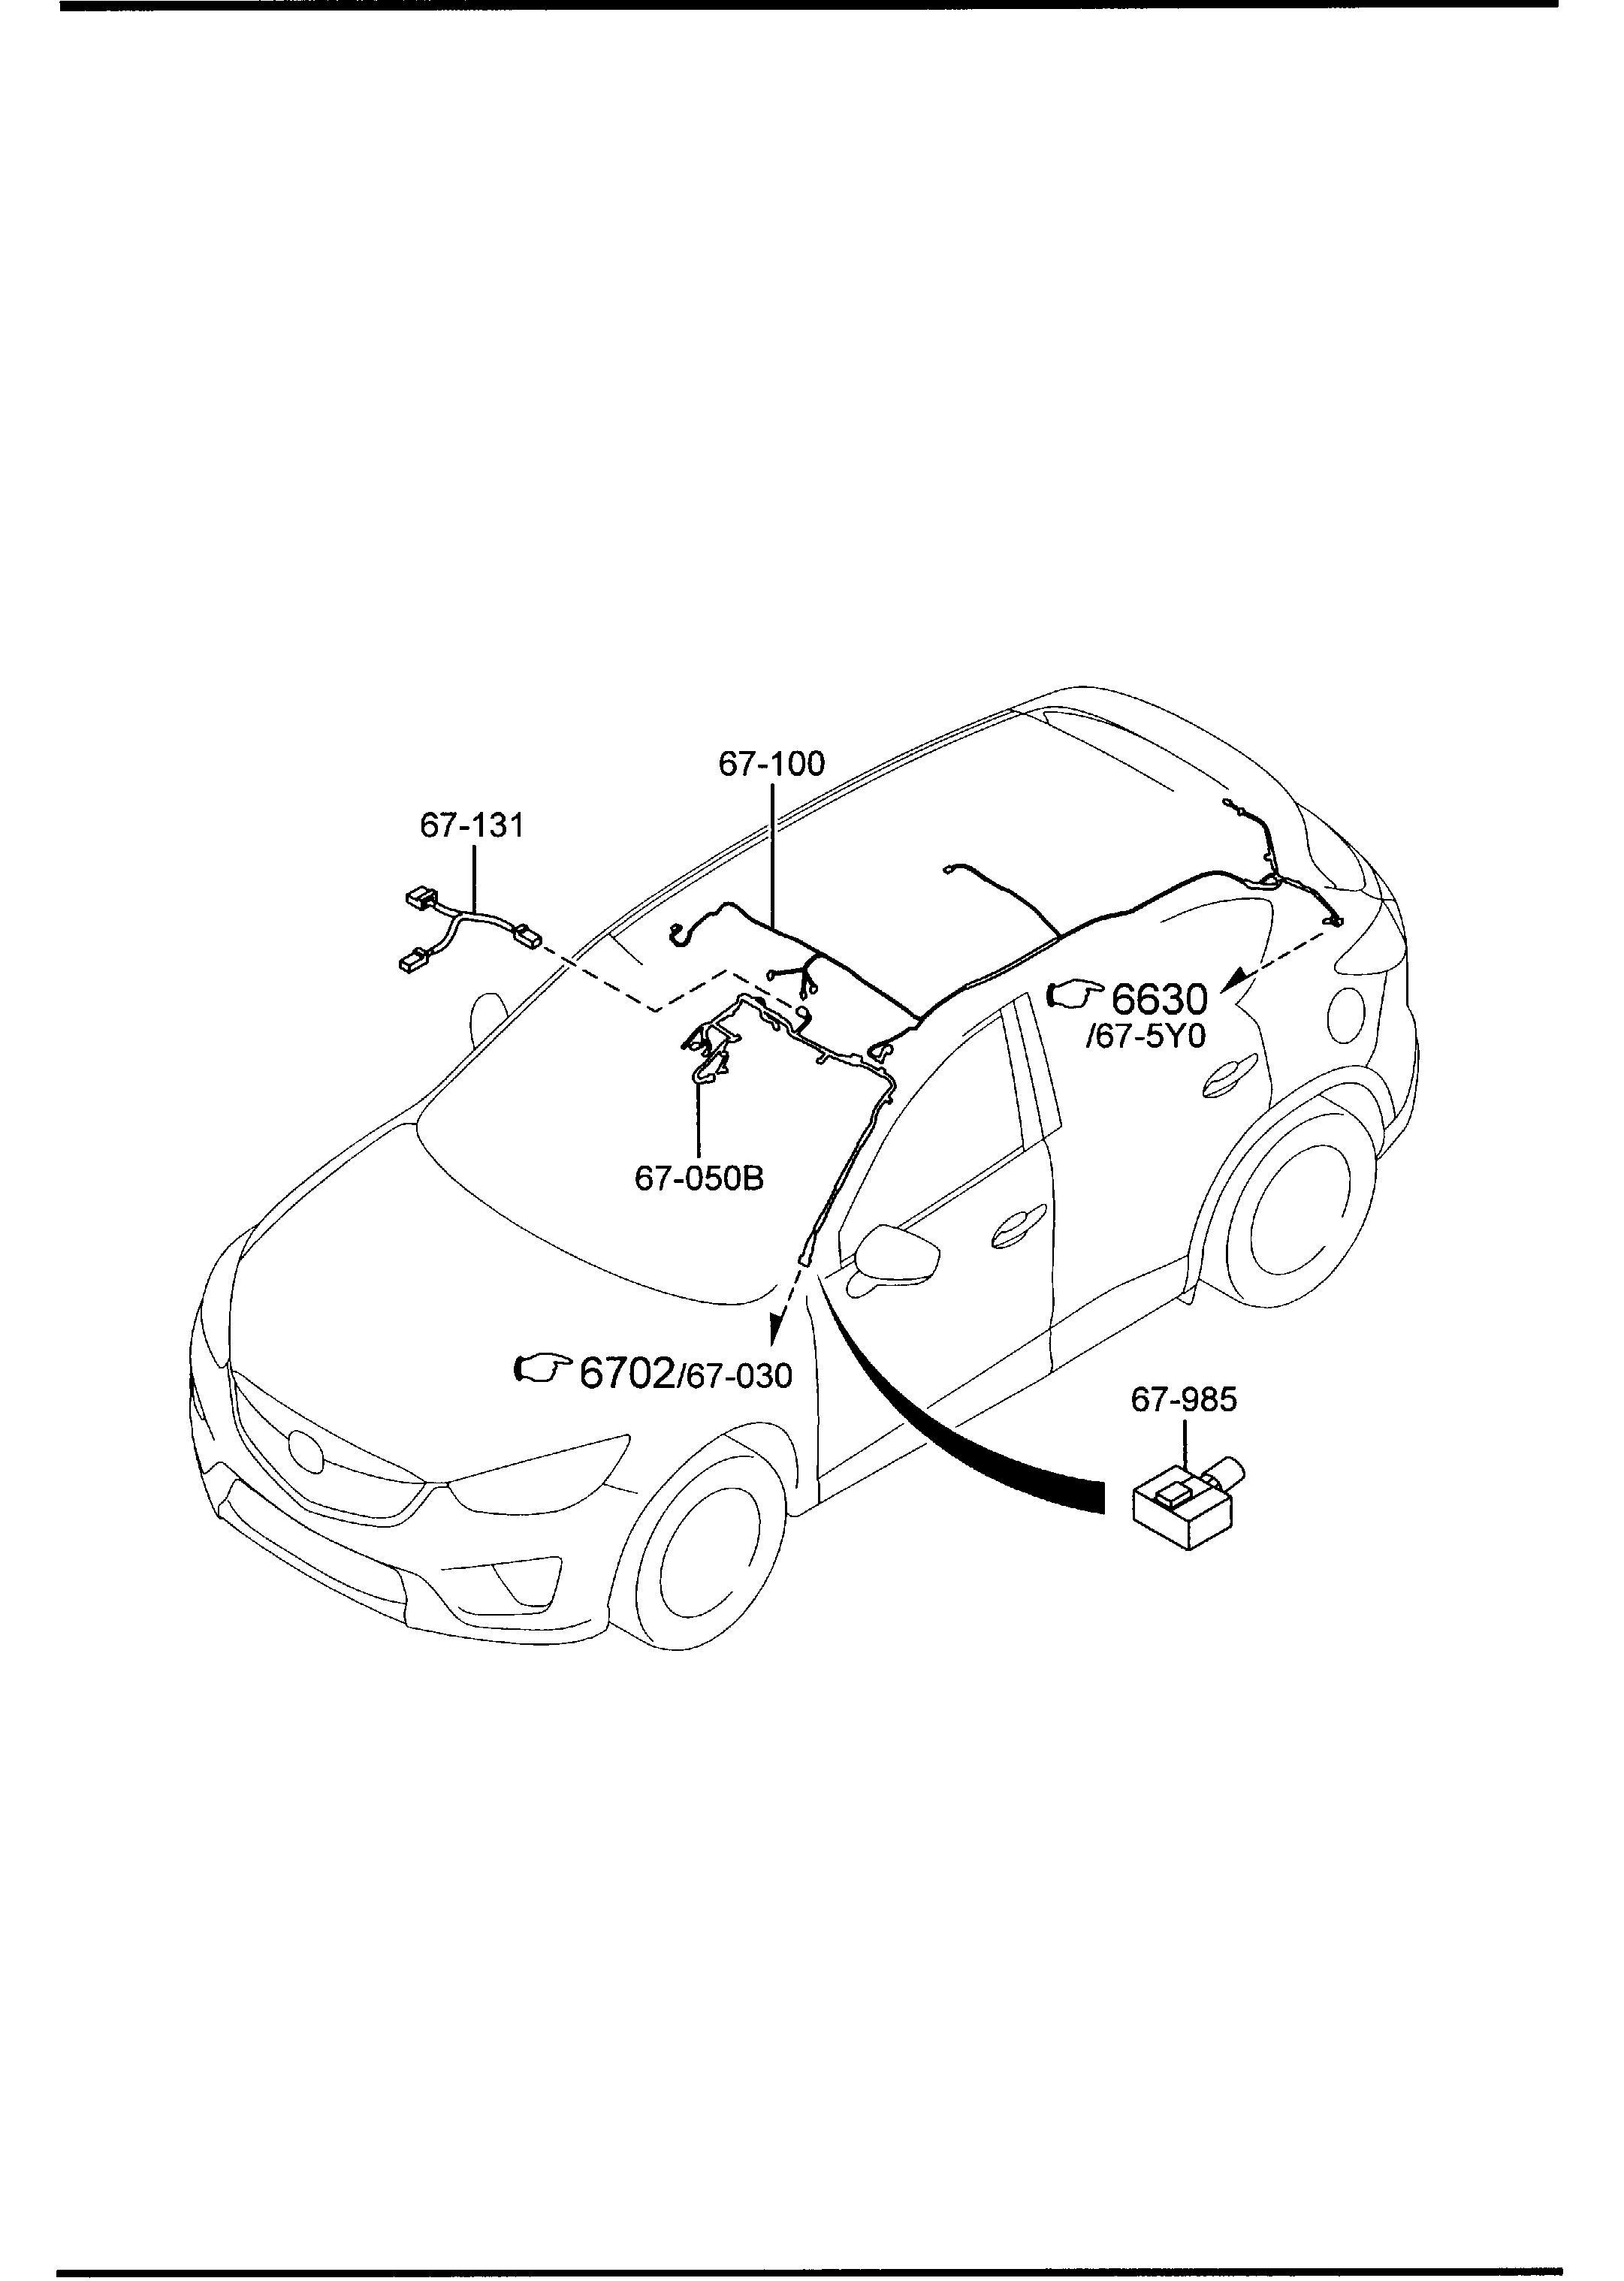 Wiring Diagram Mazda Cx 5